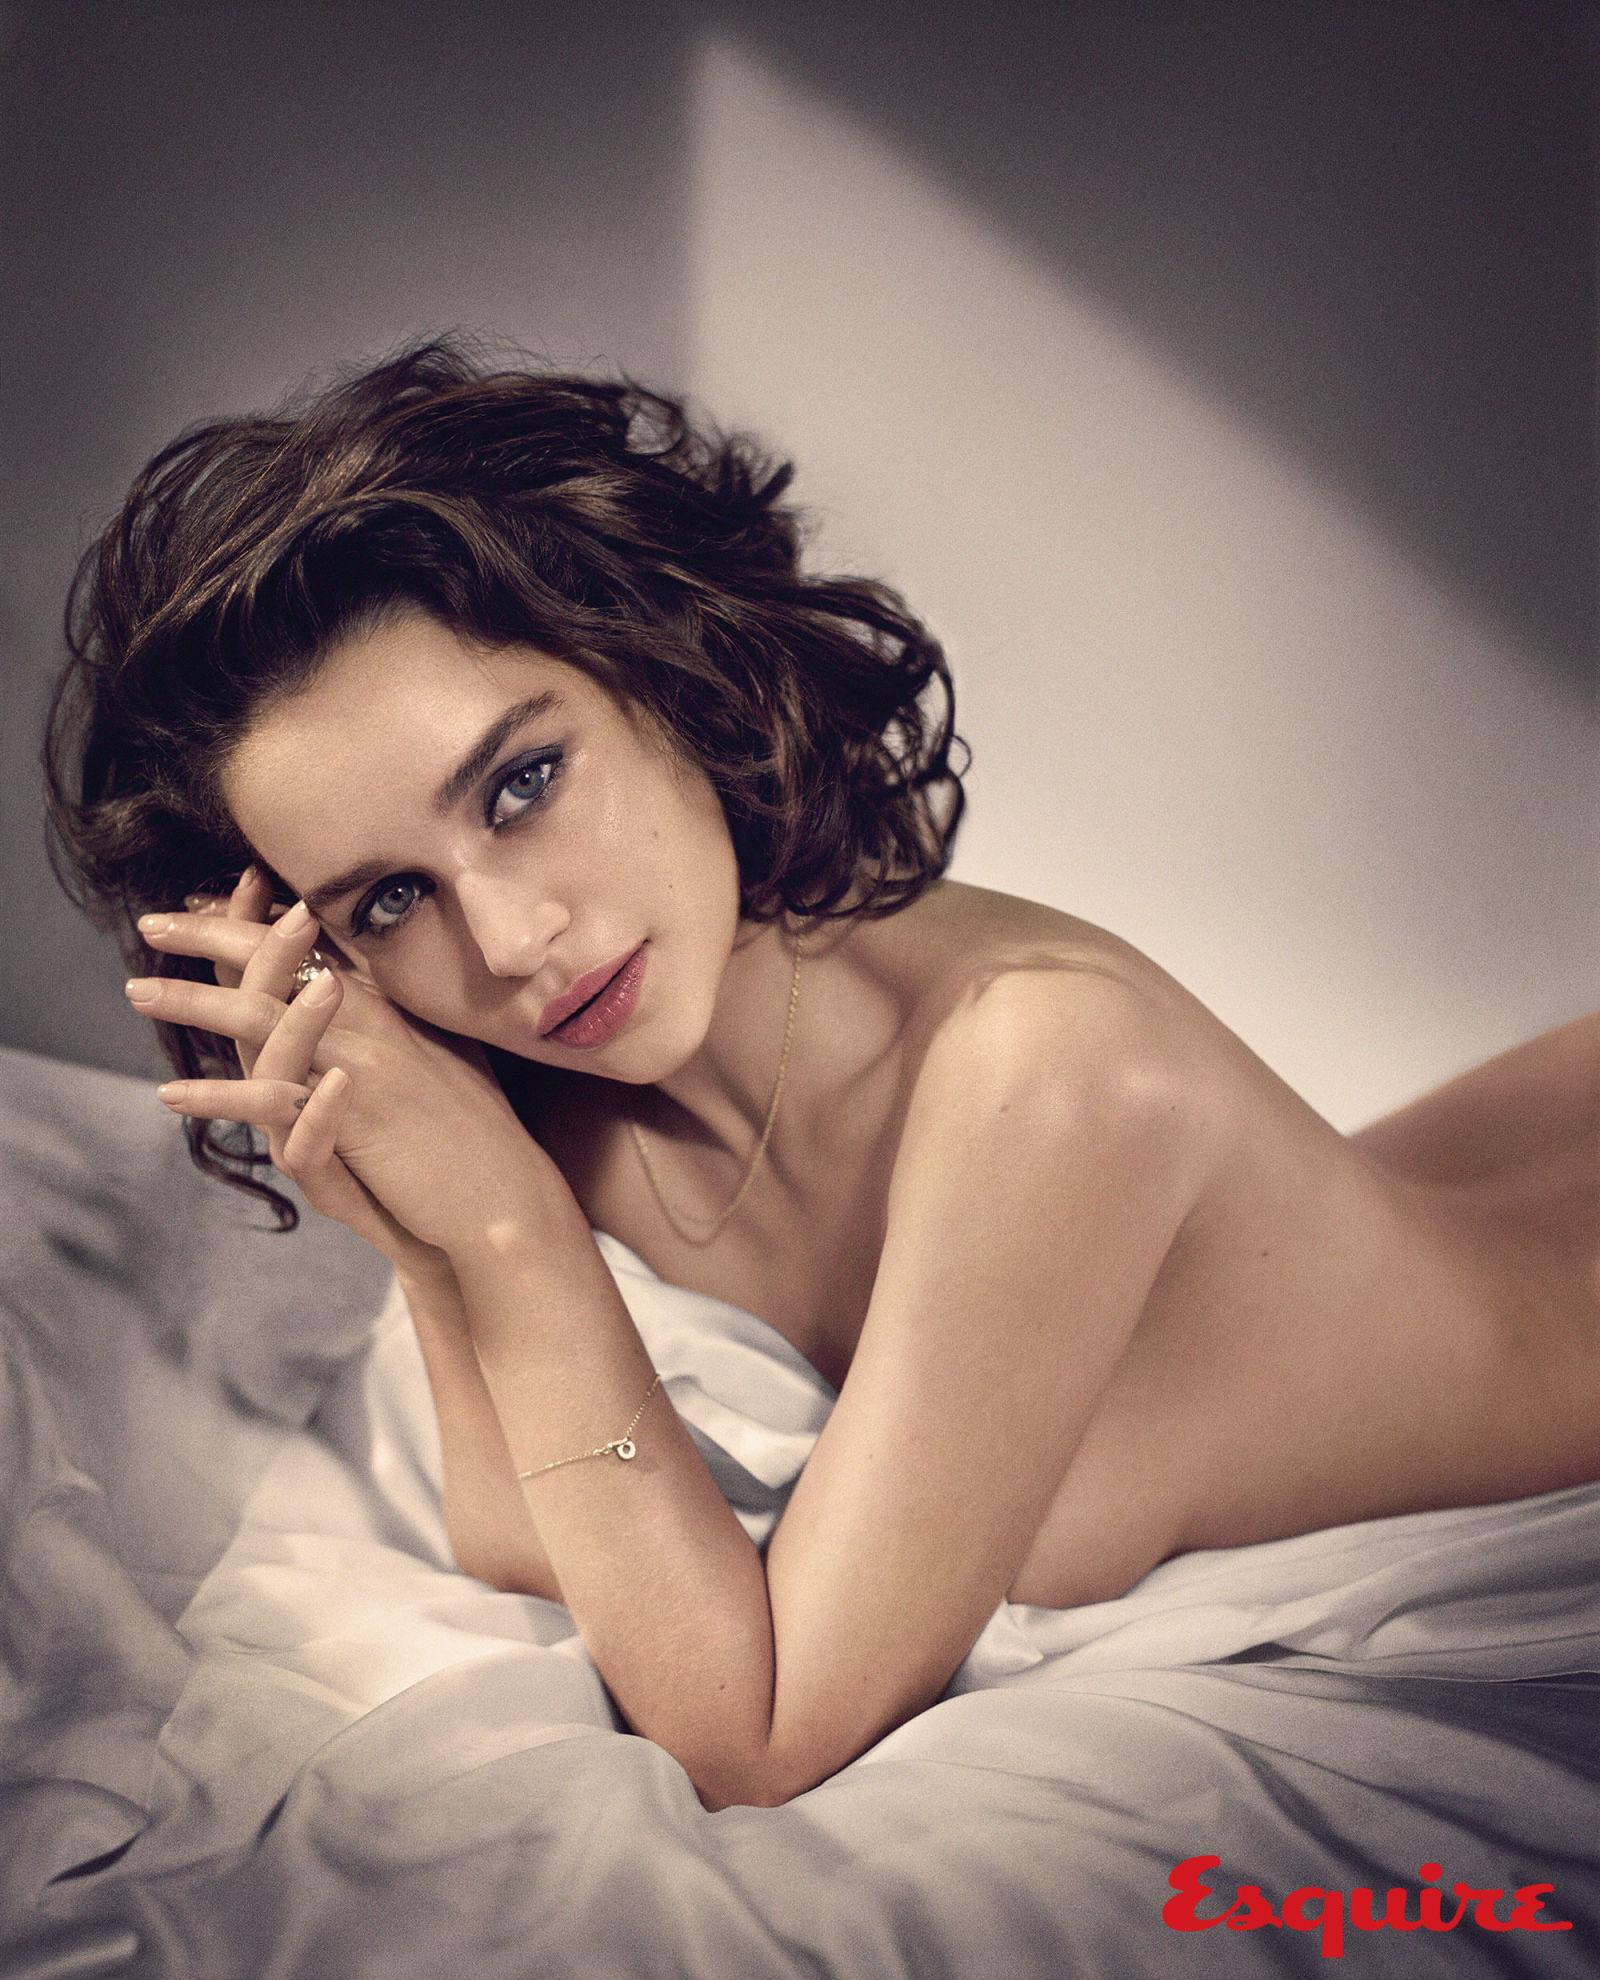 maailman seksikkäin nainen Seinajoki